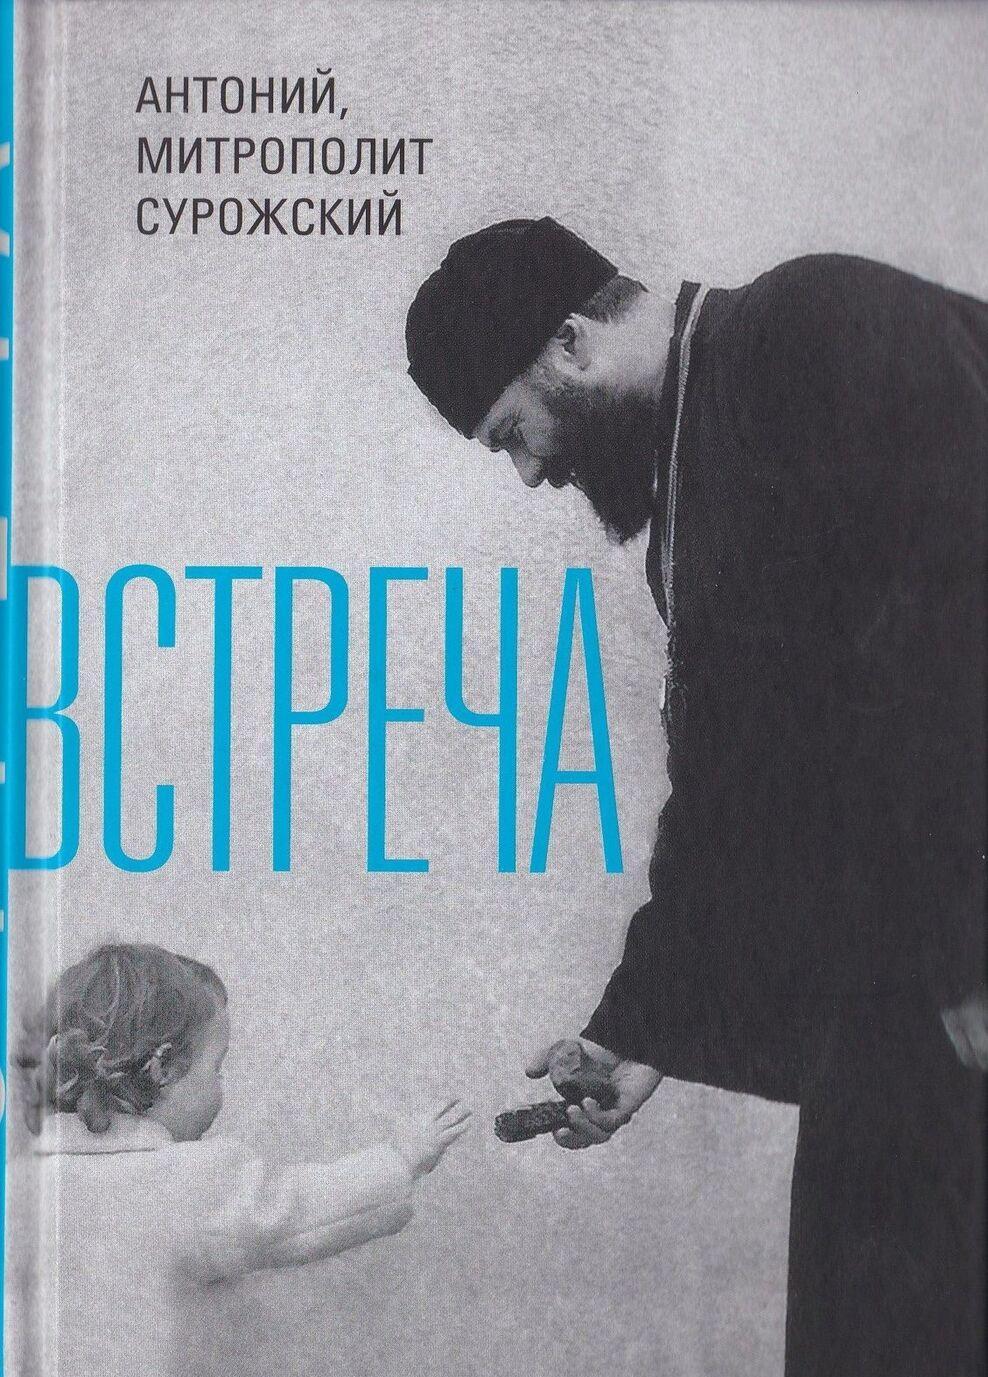 Vstrecha | Mitropolit Surozhskij Antonij